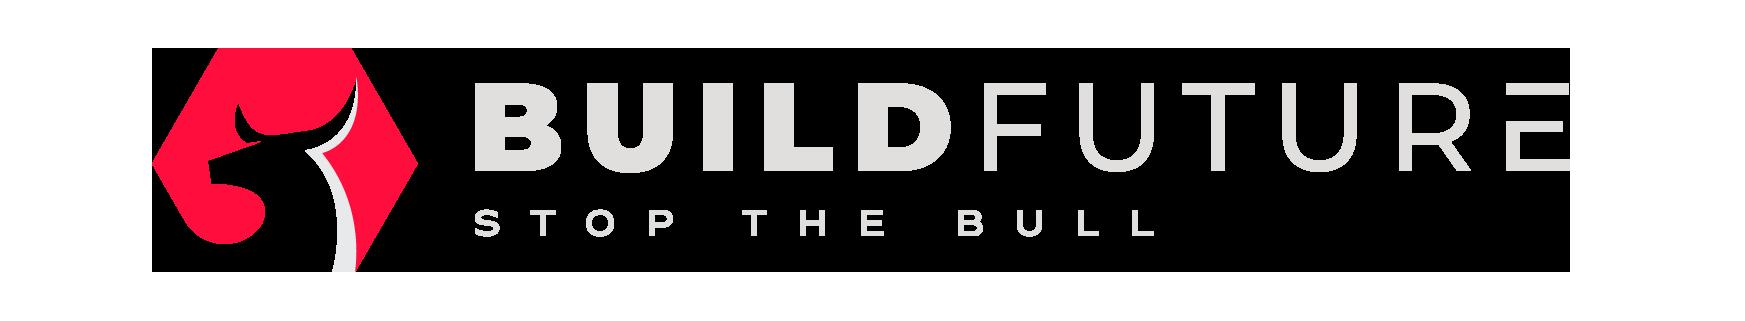 BuildFuture